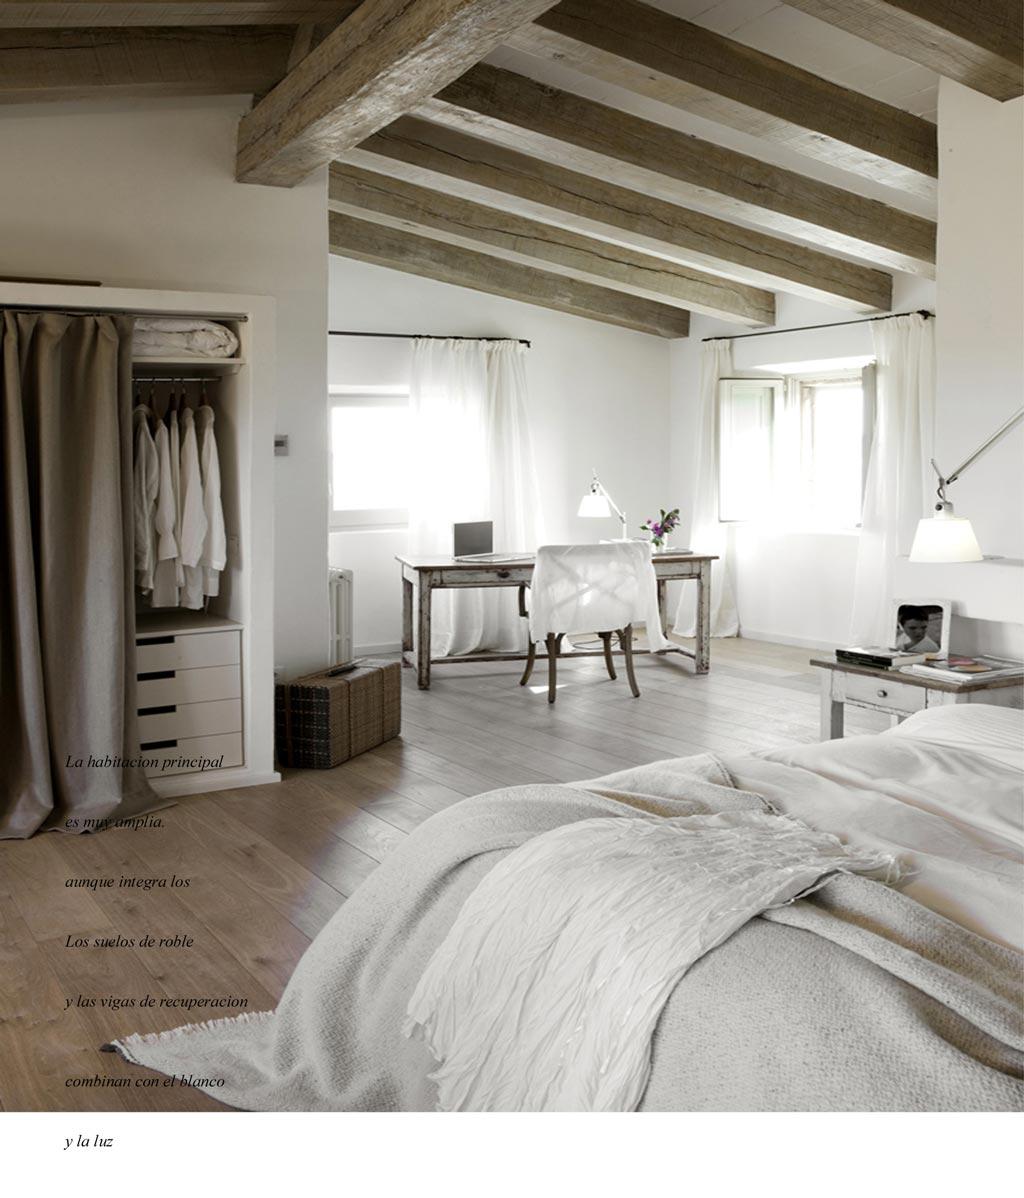 camera da letto tortora beige ~ trova le migliori idee per mobili ... - Camera Da Letto Bianca E Tortora